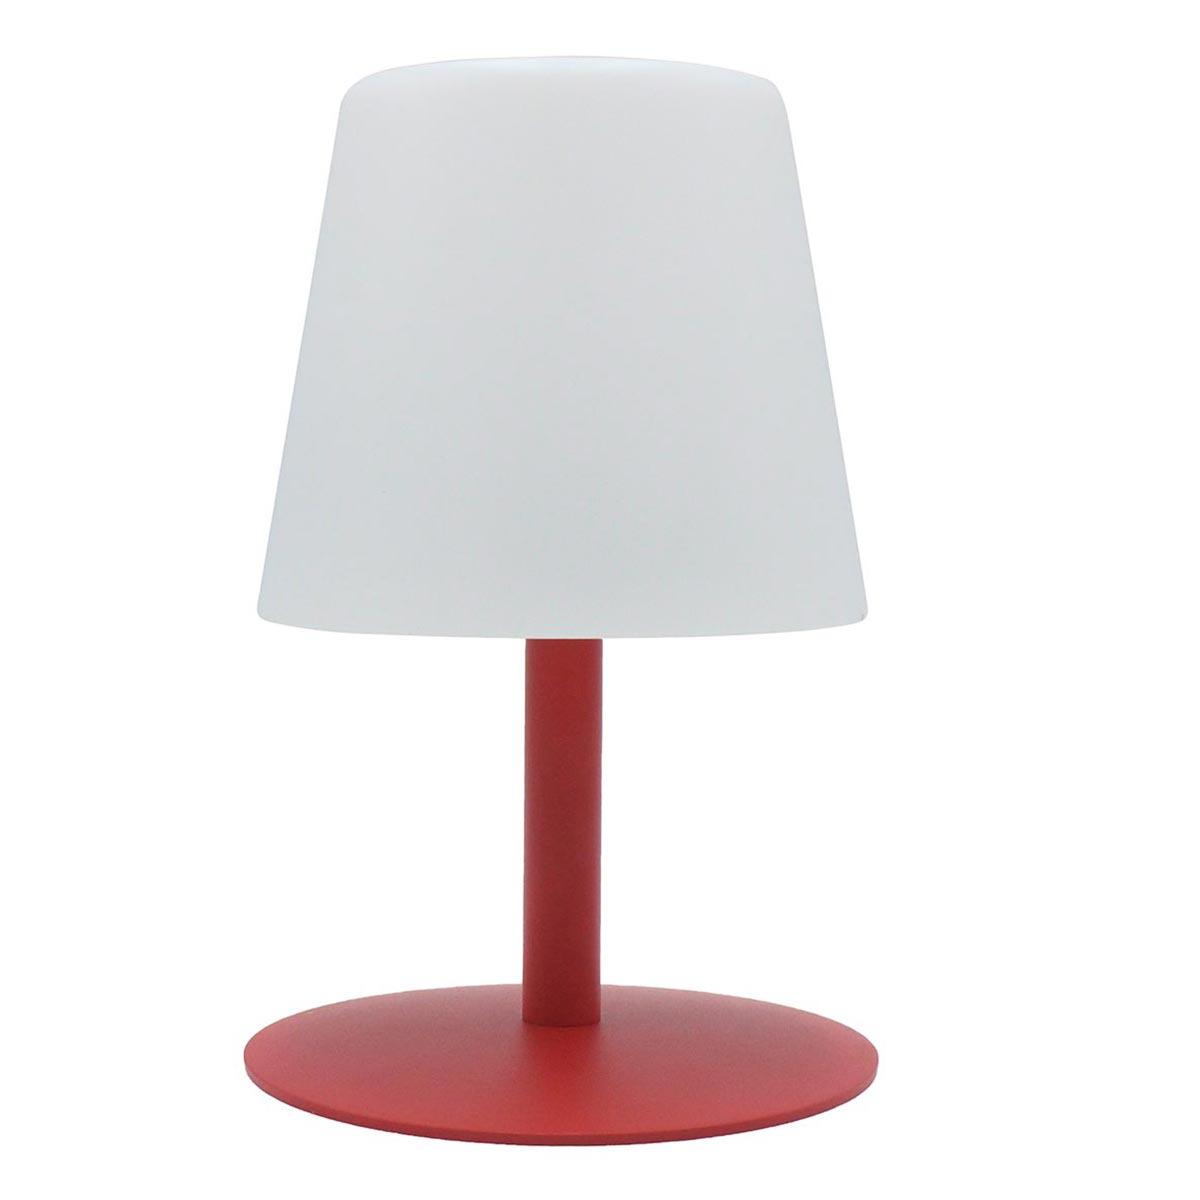 STANDY MINI-Lampe de table sans fil acier rouge H25cm